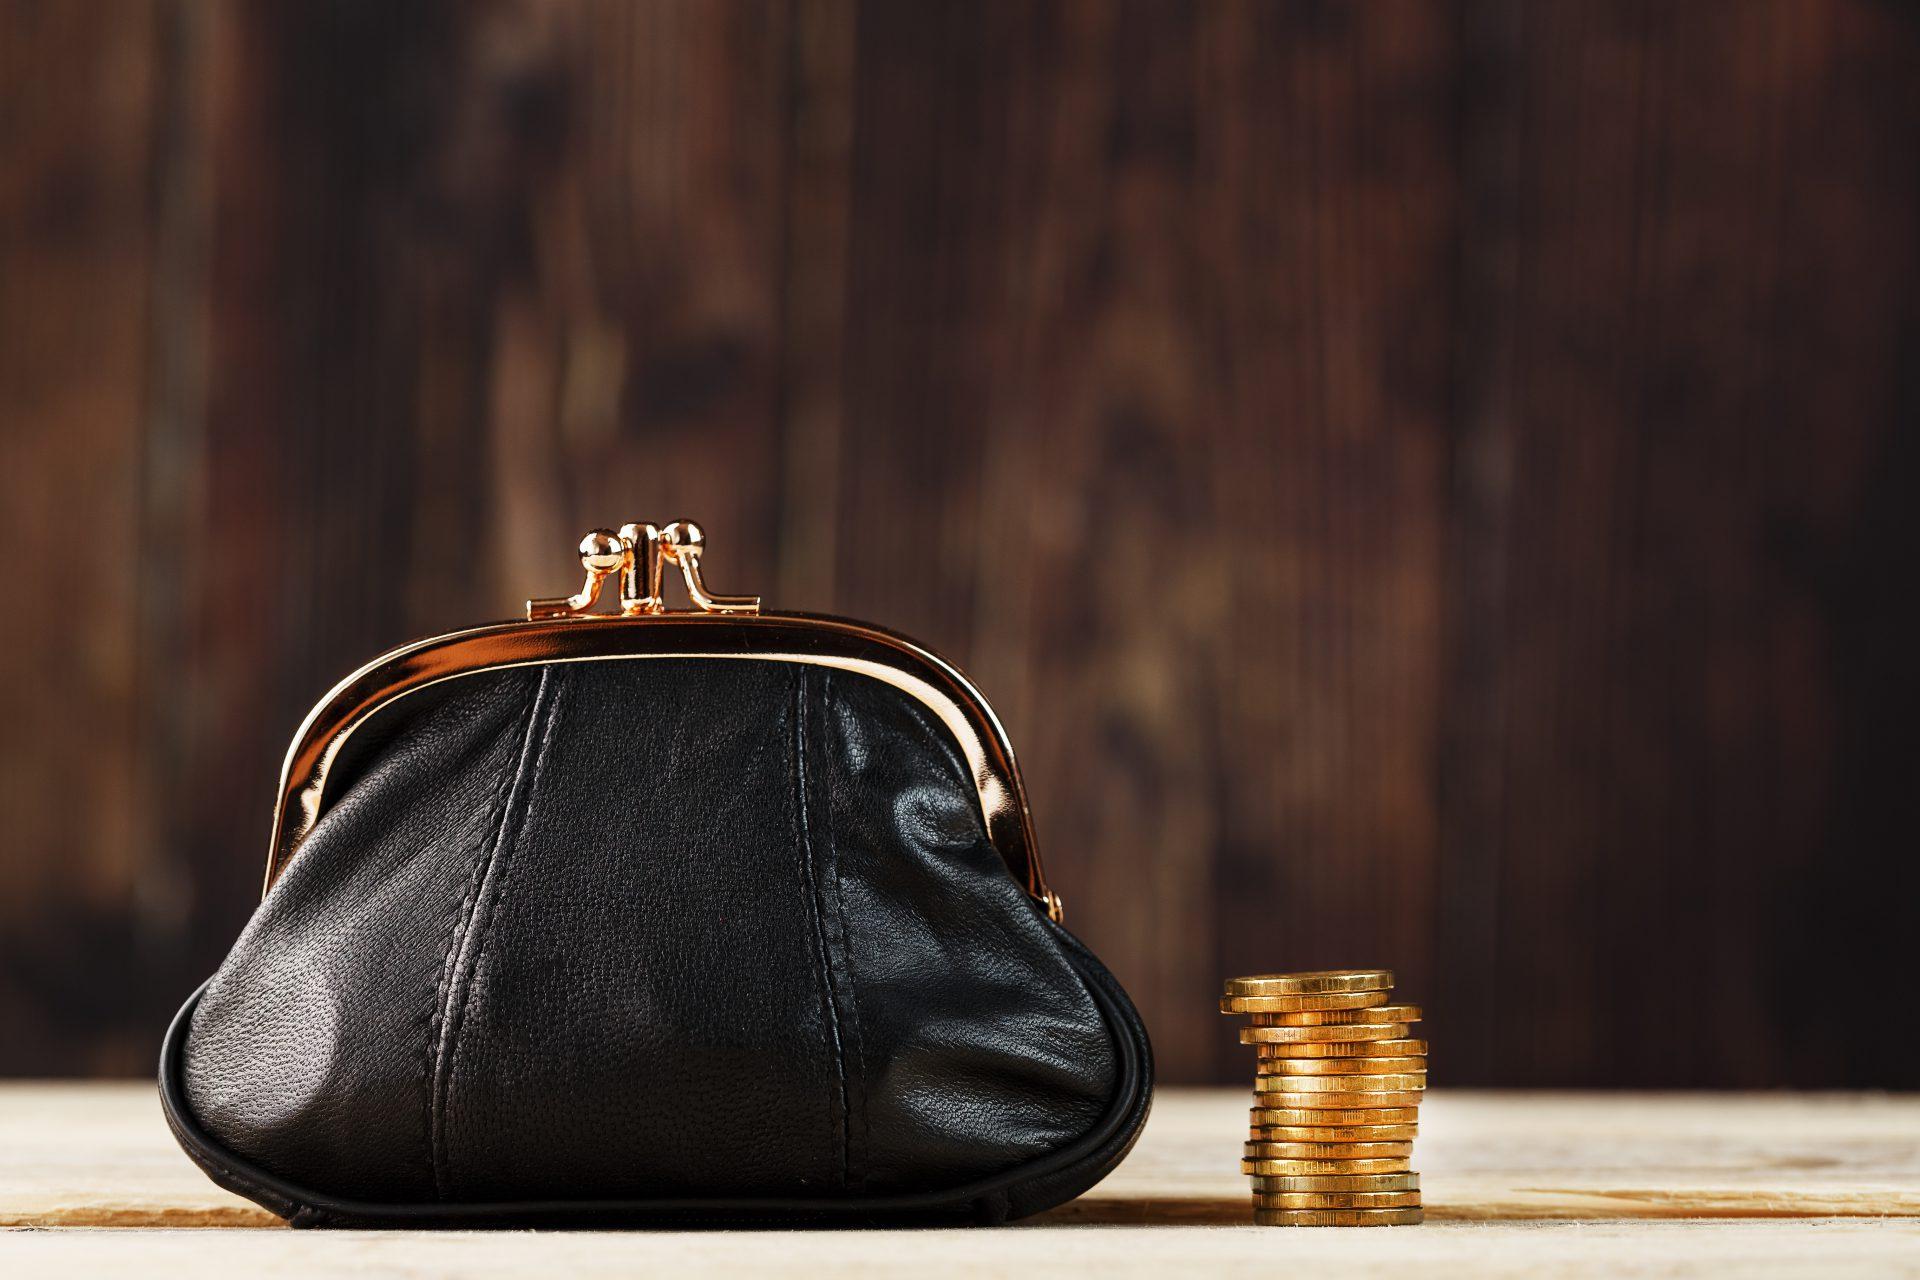 Wat is het verschil tussen voorschot en vooruitbetaling?